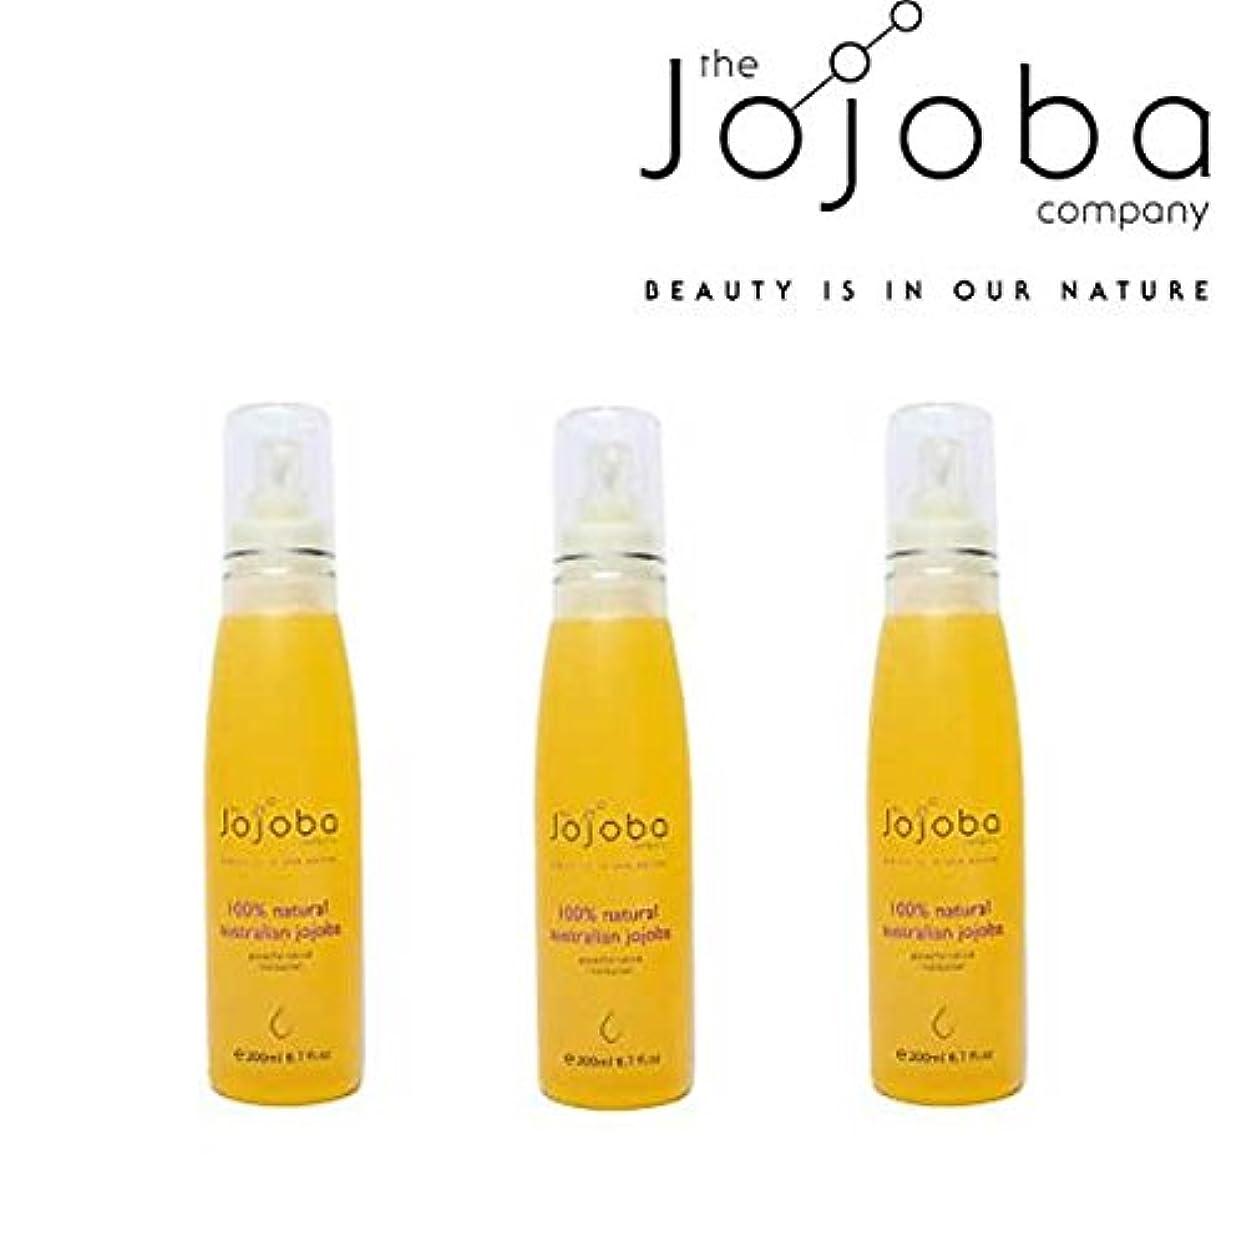 アスリートタイルアルファベット順[The jojoba Company]天然100% オーストラリア産ゴールデンホホバオイル200ml(3本セット)[海外直送品]